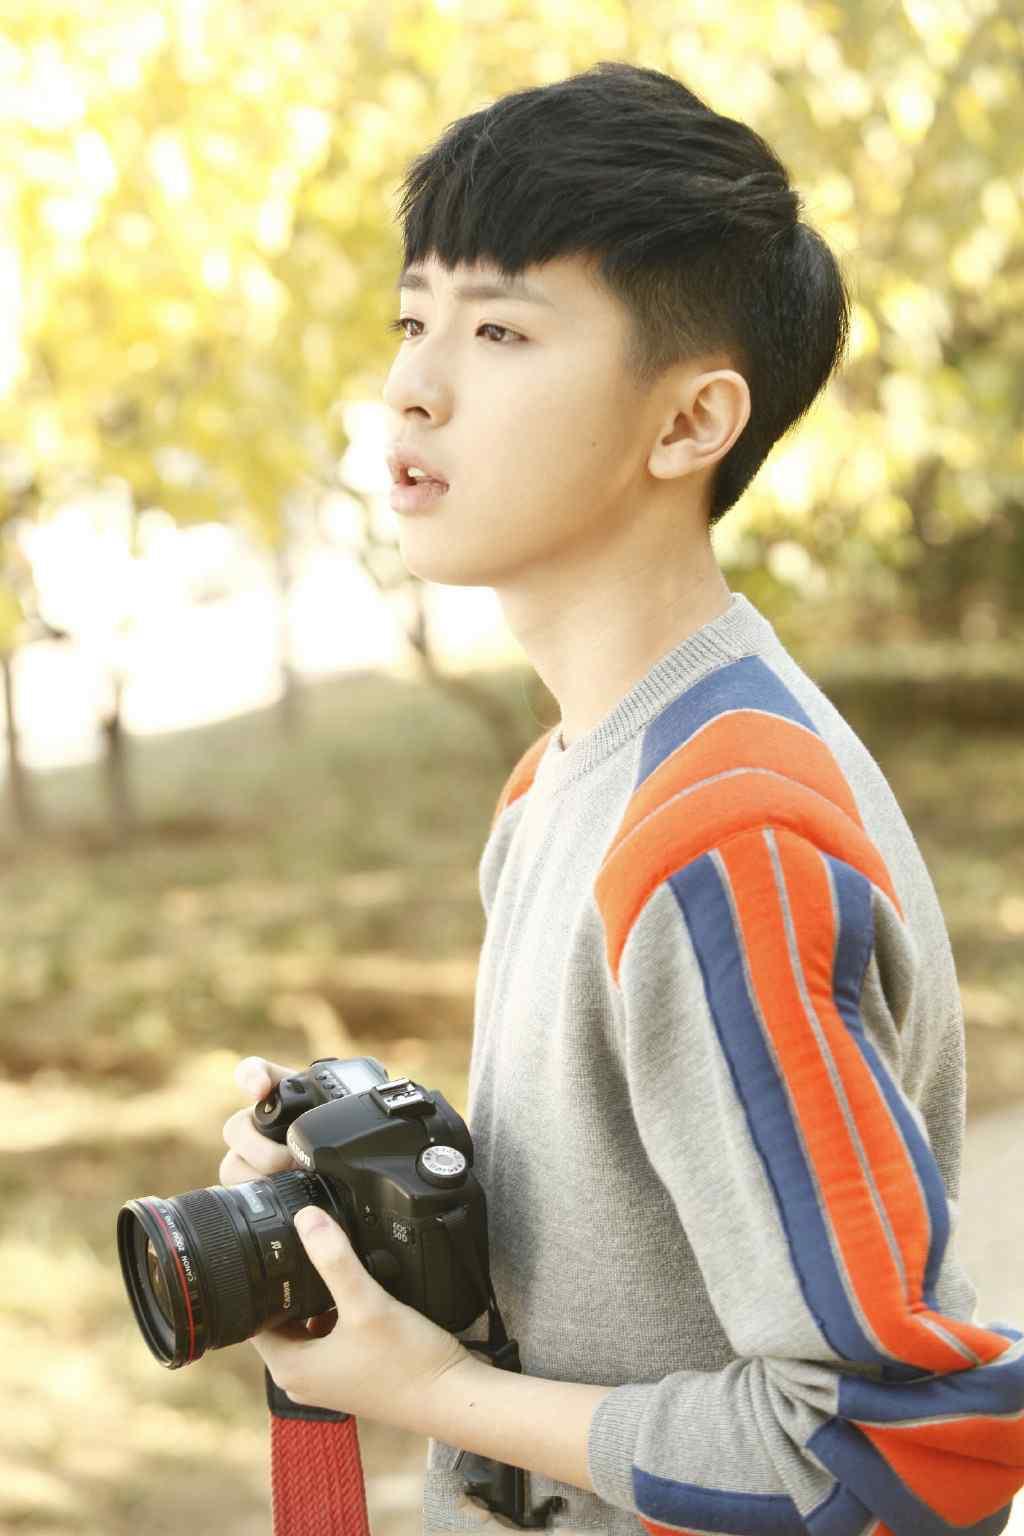 张逸杰化身秋日里的摄影师唯美写真图片